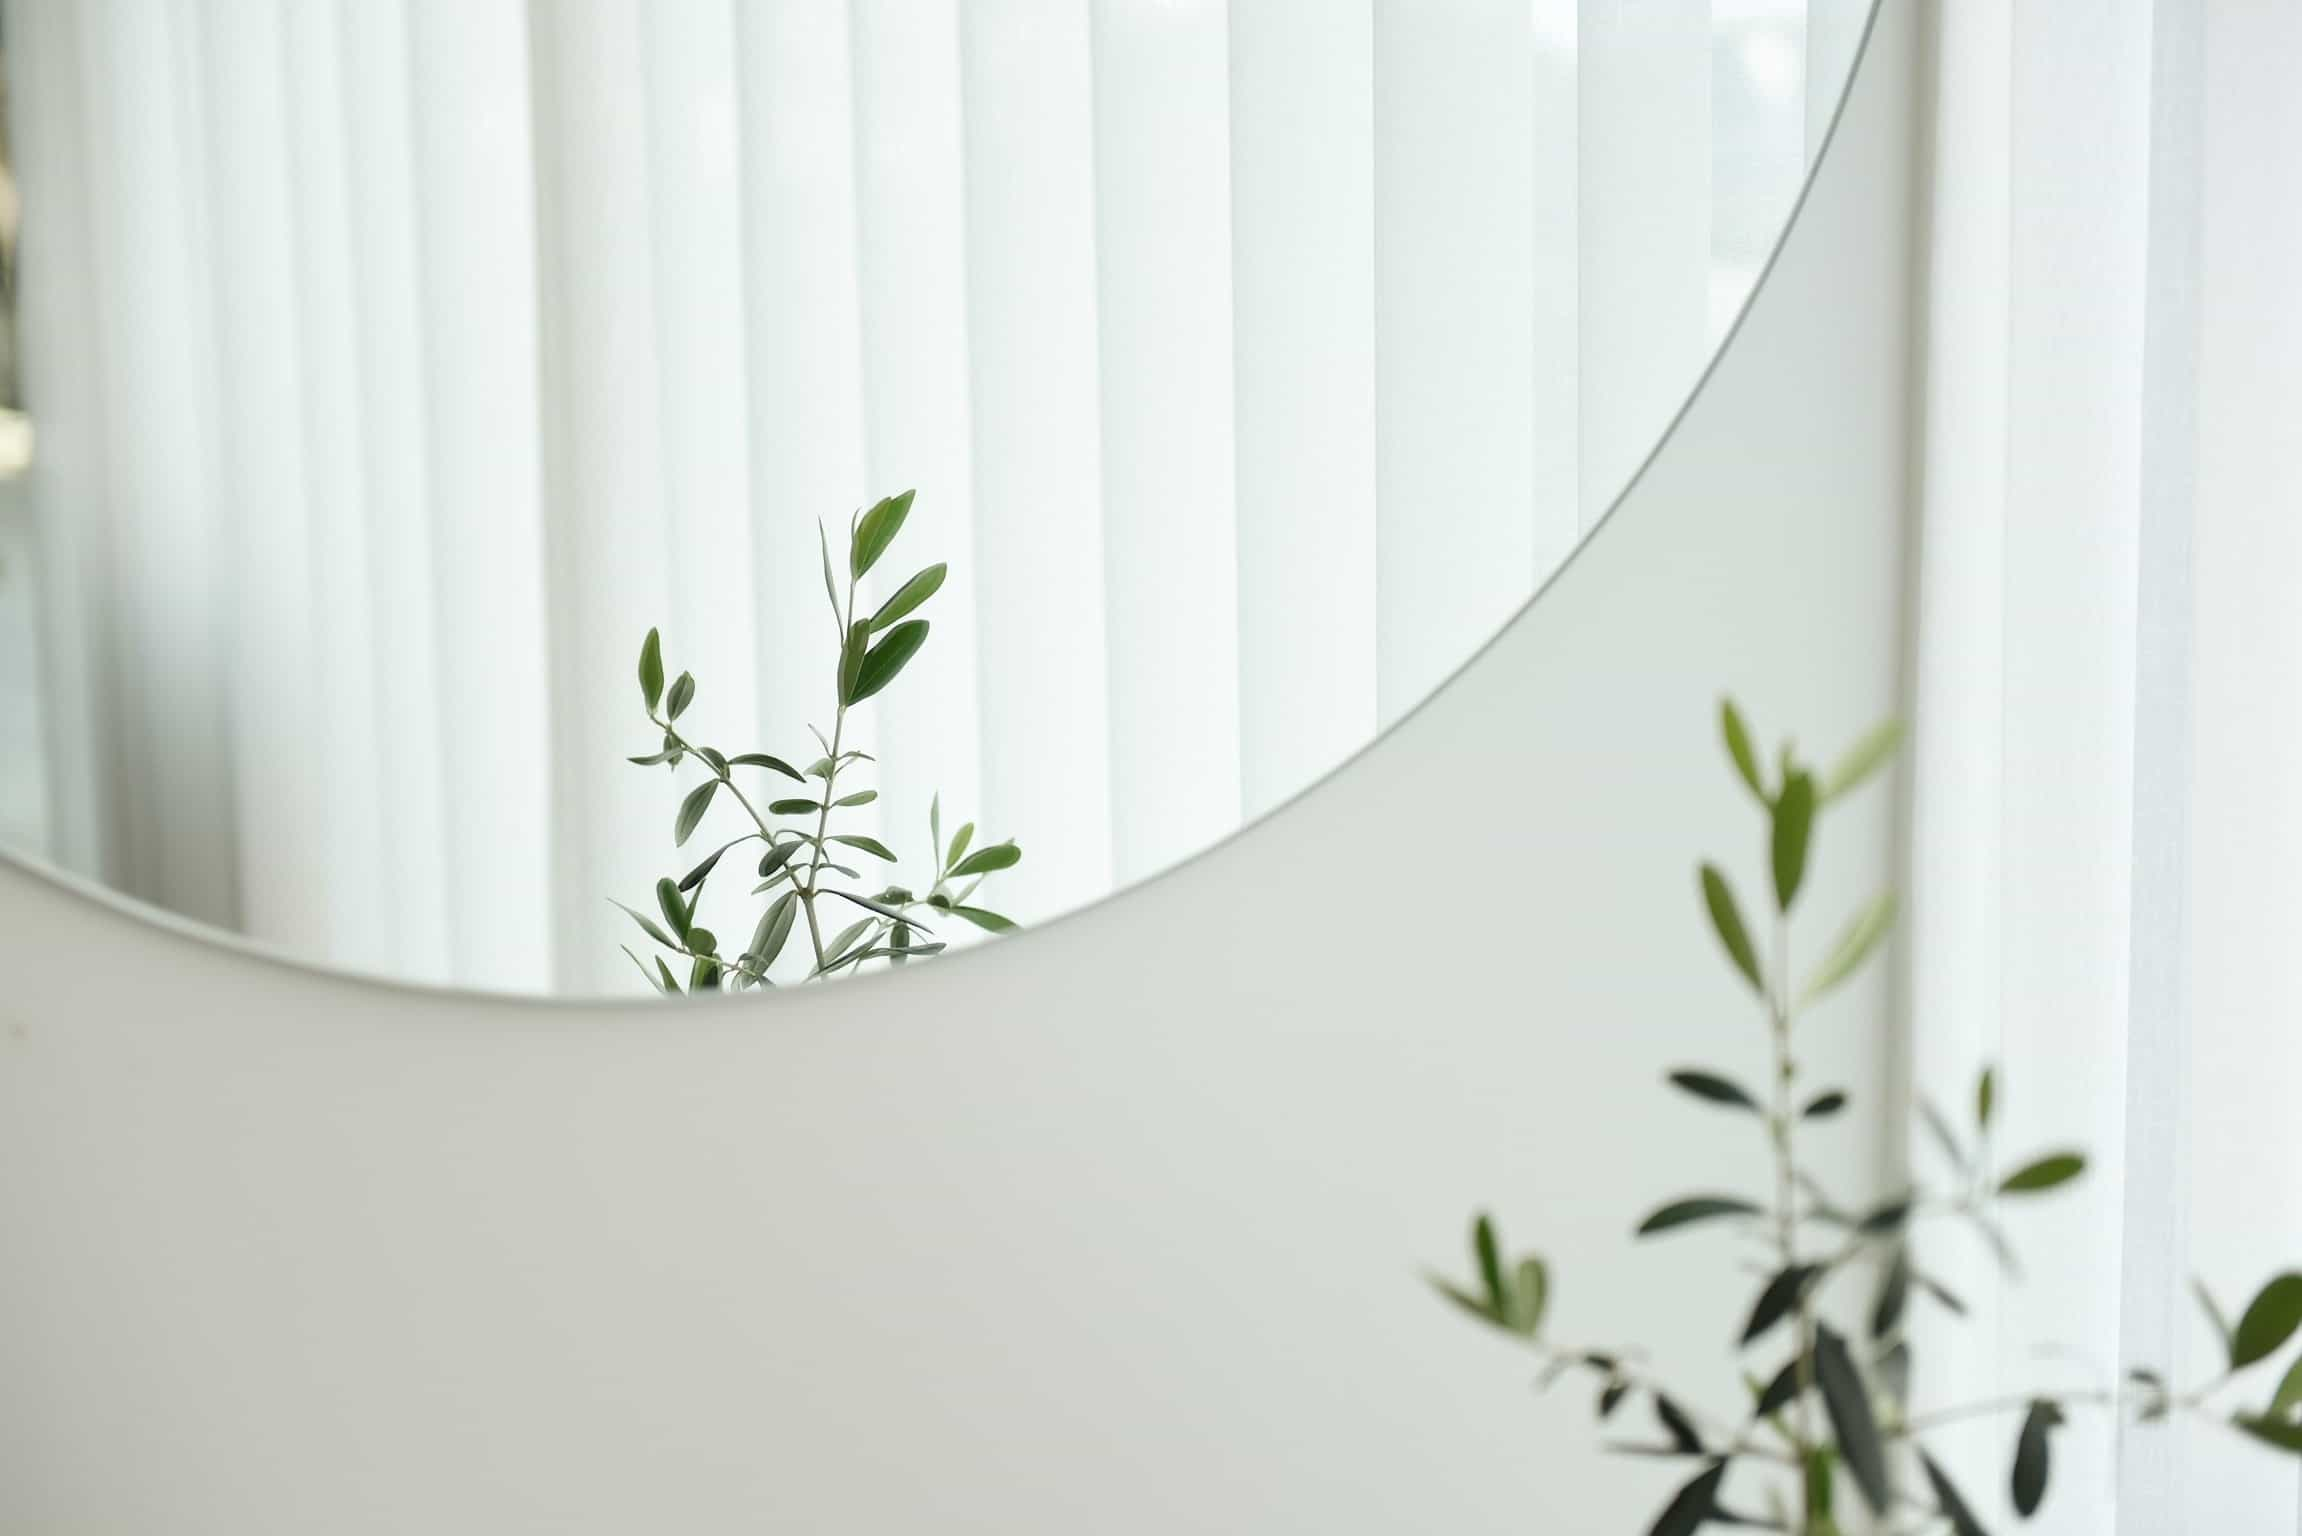 Checkliste möblierte Wohnung: Das gehört zur vollständigen Ausstattung